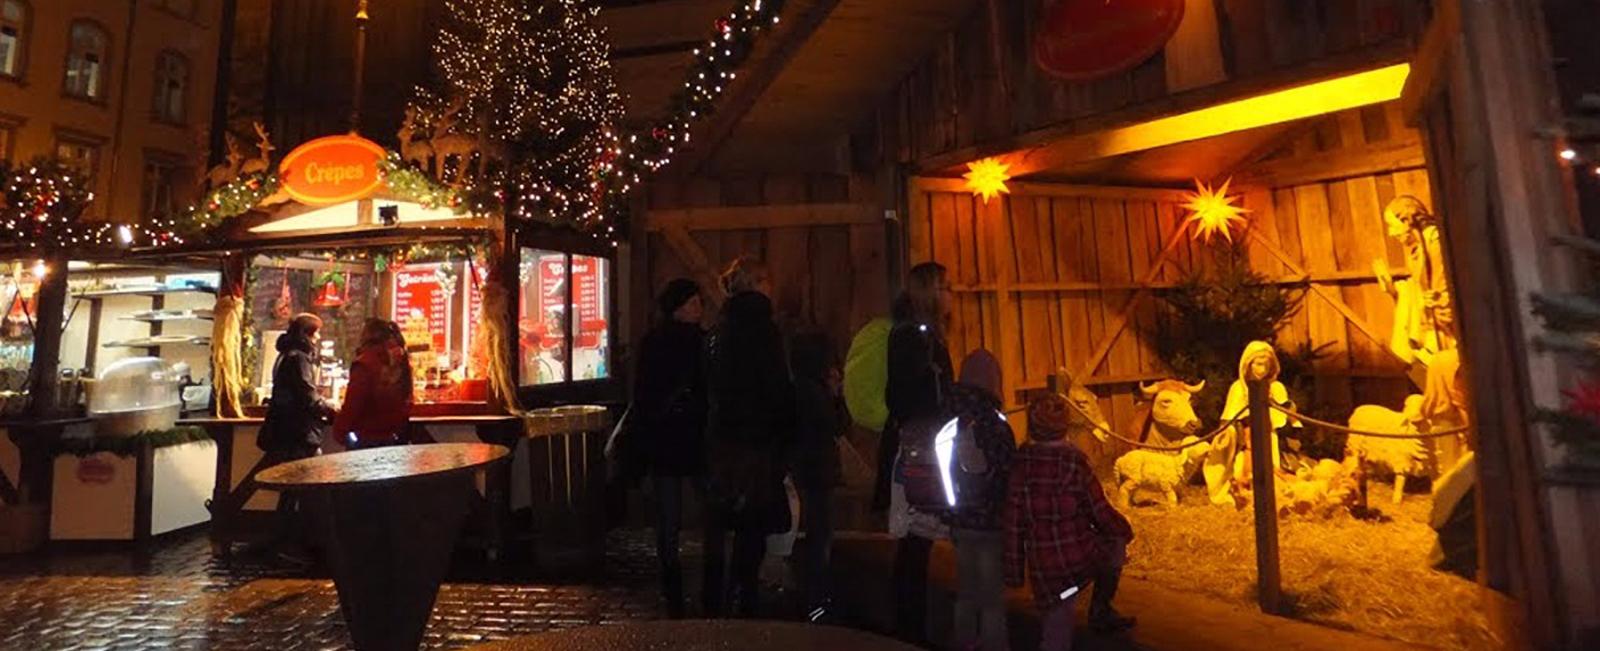 Julshoppingkryss till Tyskland